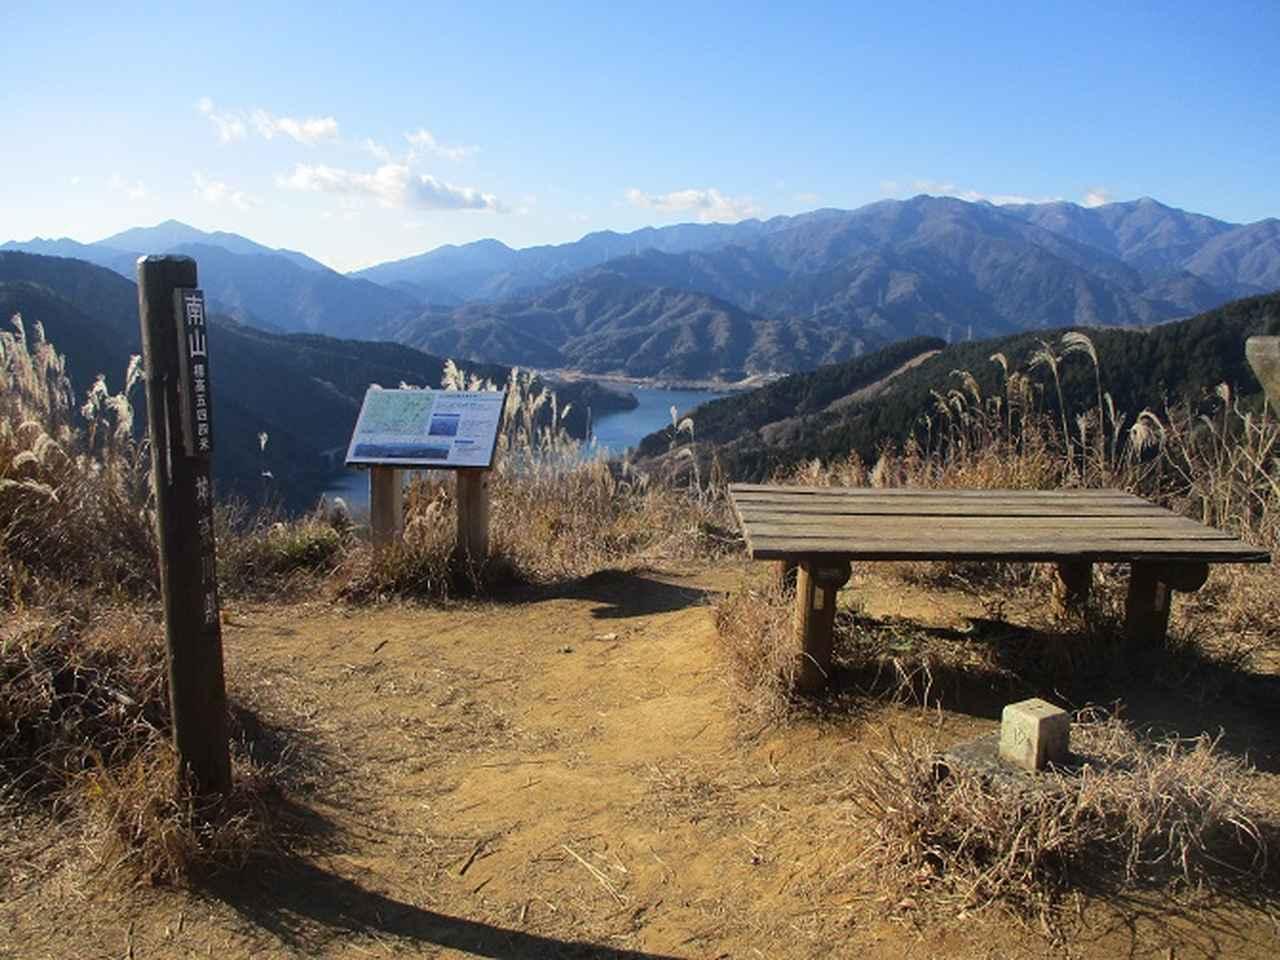 画像7: 1月の山旅会 「丹沢南山」 の下見にいってまいりました!